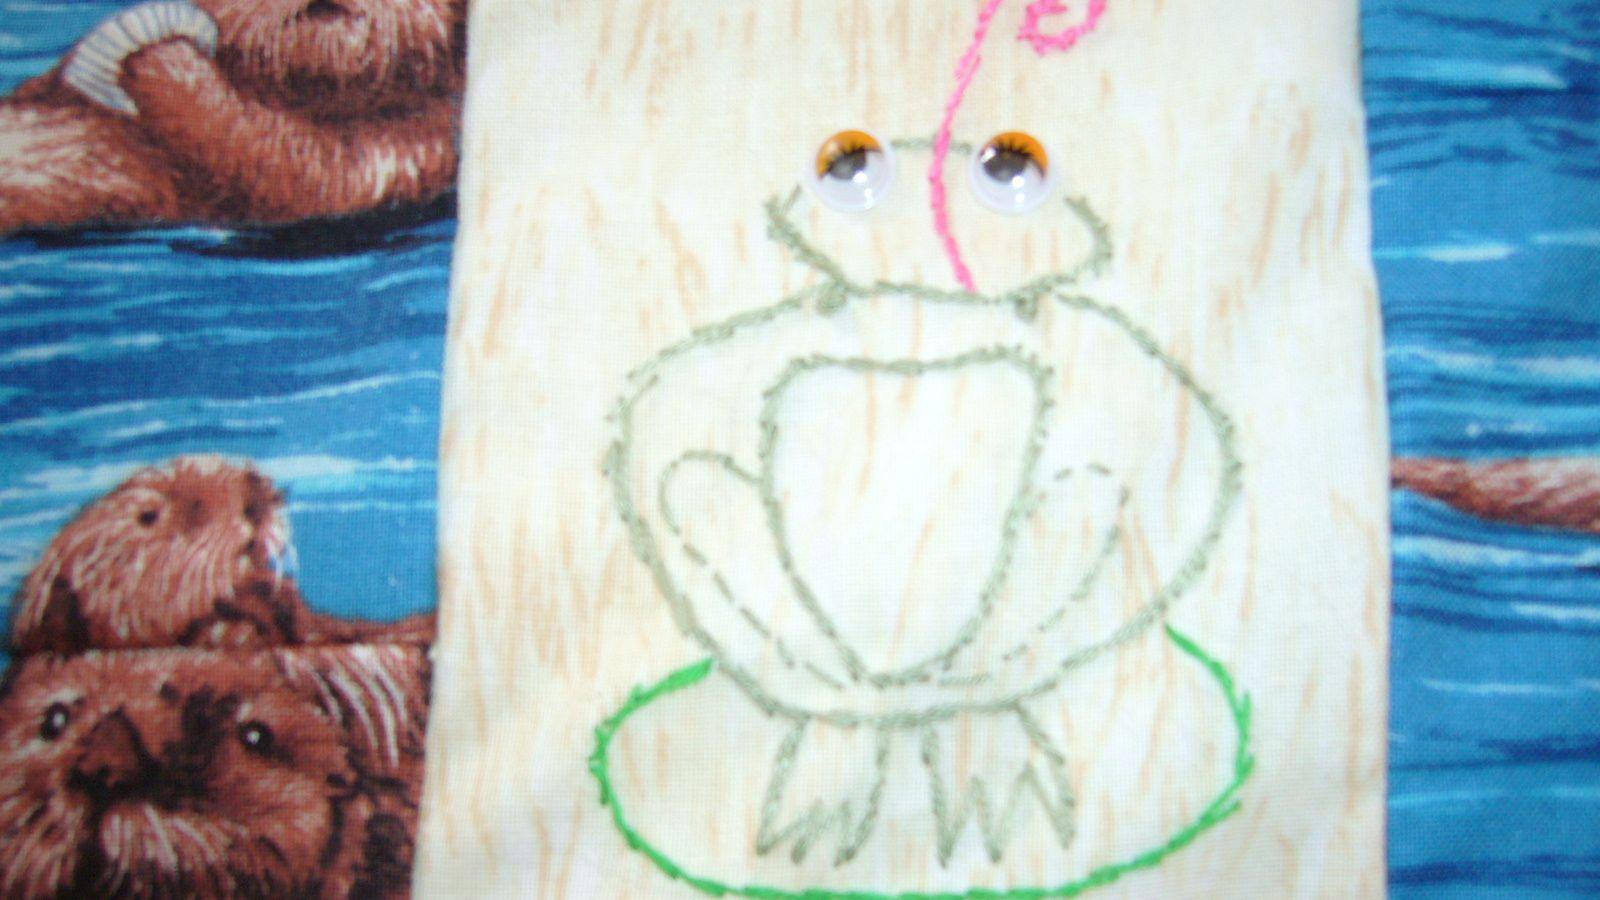 j'ai brodé une grenouille tapineuse qui attend le client sur sa feuille de nénuphare.....elle s'est échappée du bois de boulogne, je lui ai fait des bas résilles !.....ma fille kiki m'offre a chaque noël un morceau de tissus patch l'an dernier c'était des mouffettes, cette année des loutres.je me régale !e